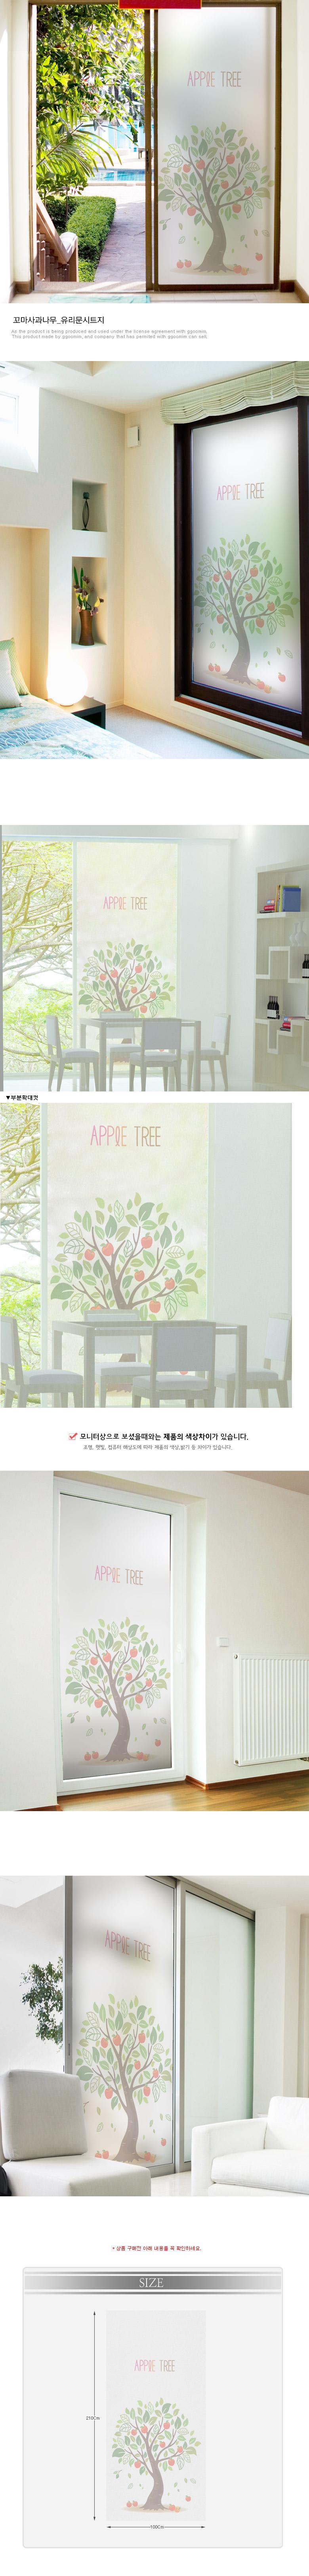 cg125_m-무점착유리시트_꼬마사과나무_유리문시트지 - 꾸밈, 35,200원, 벽시/시트지, 디자인 시트지